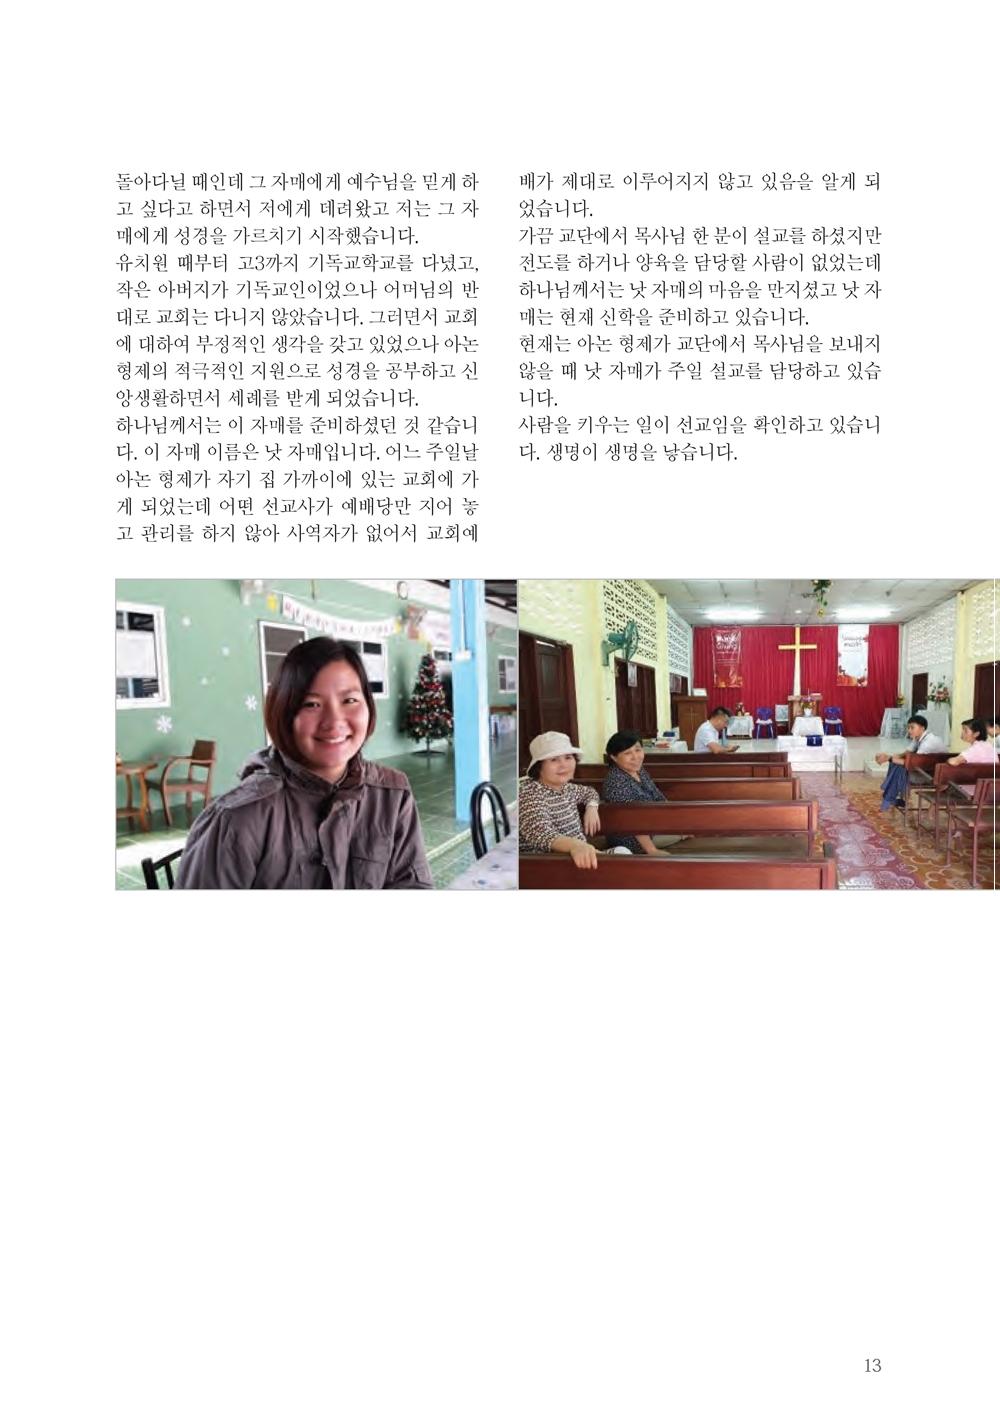 19-선교소식지1호15.jpg